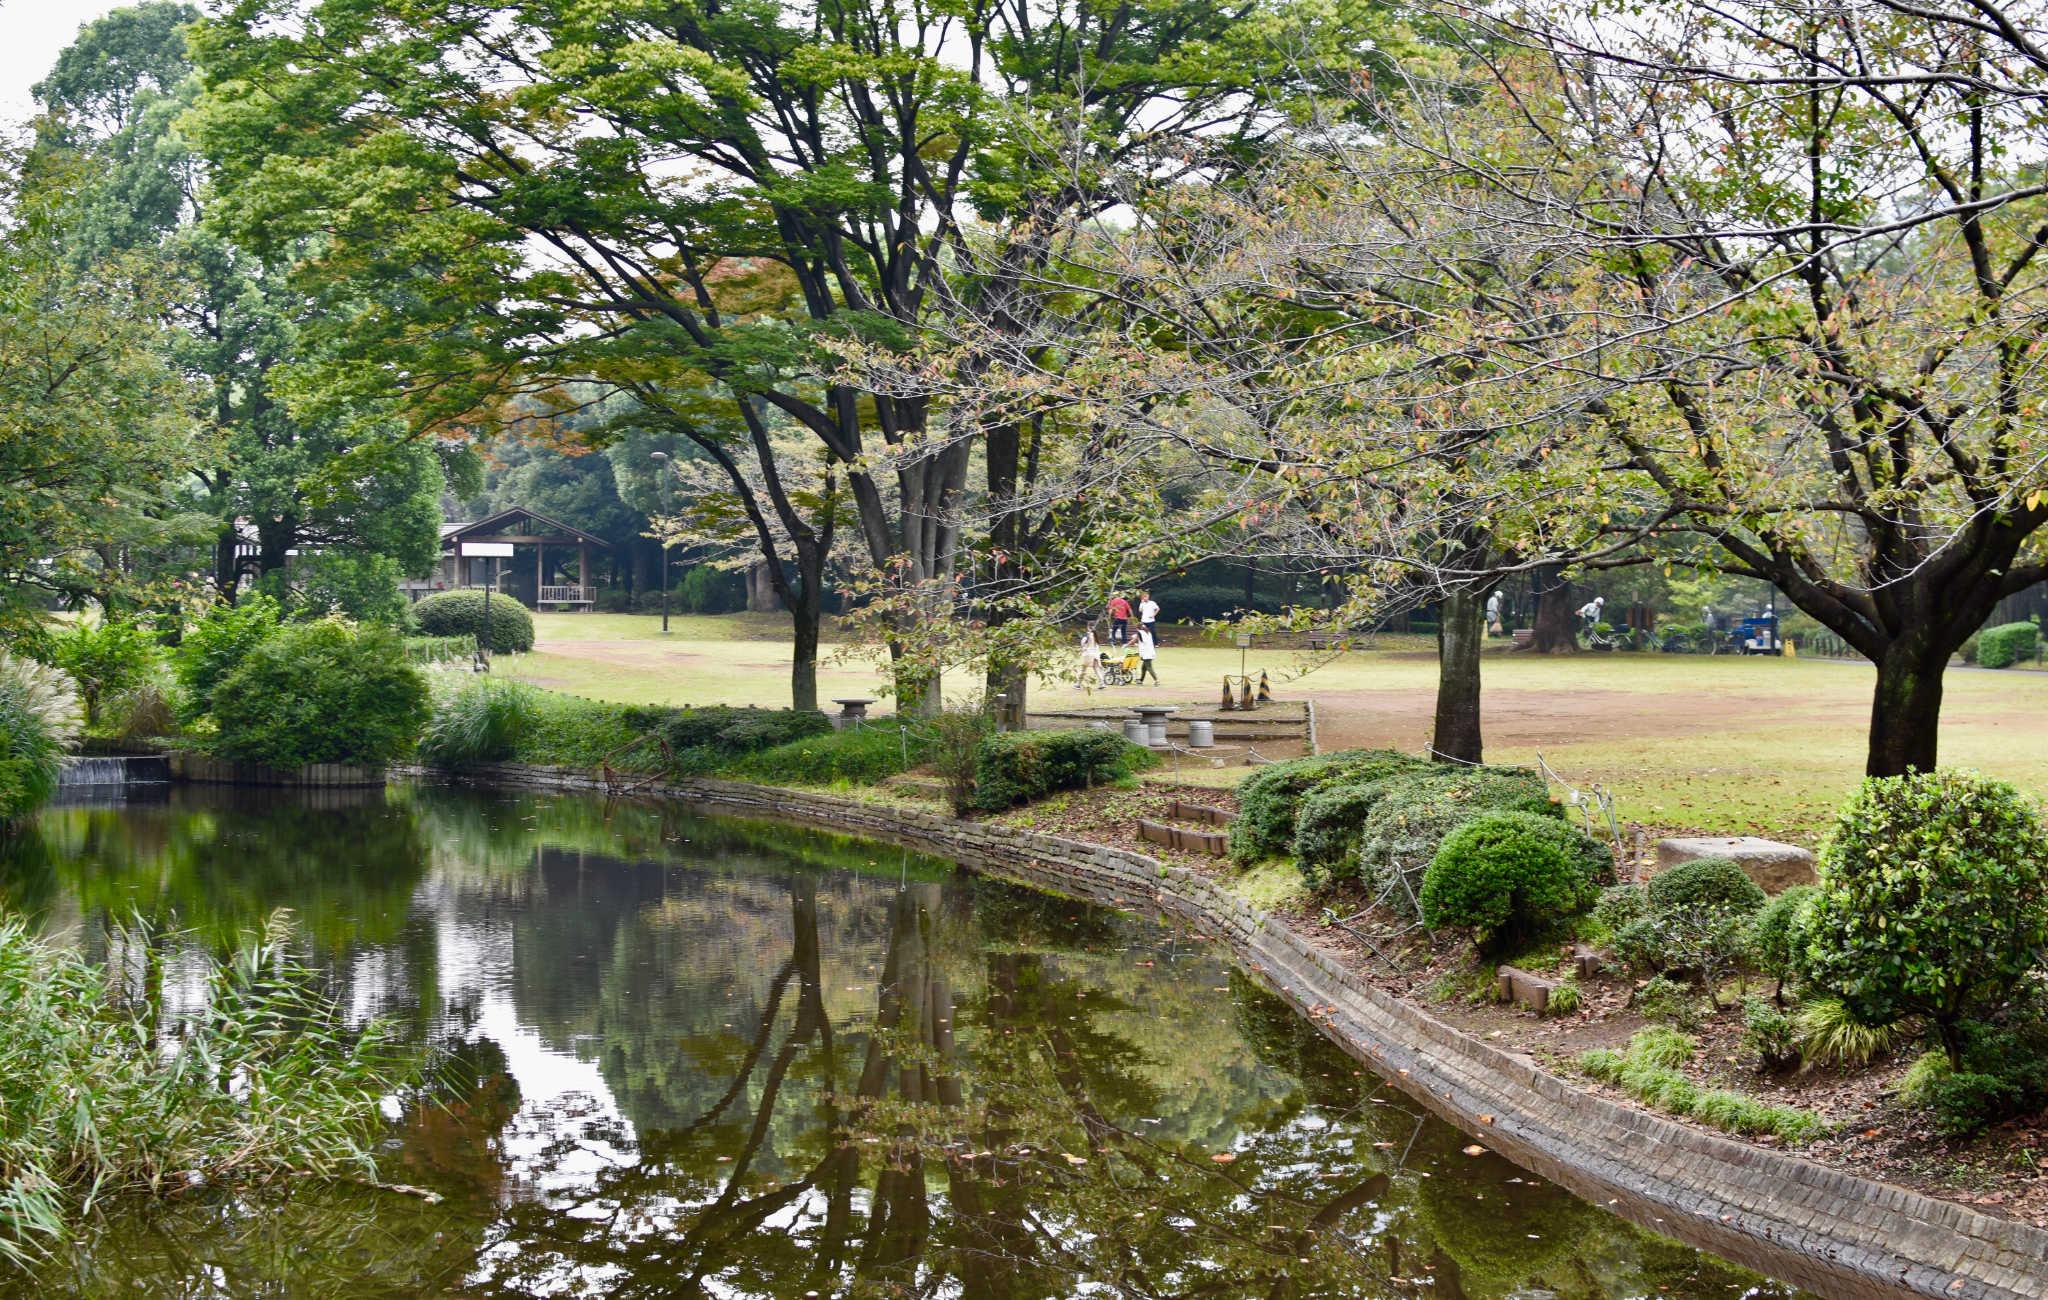 Une jolie balade au coeur du parc arboré de Kinanomaru